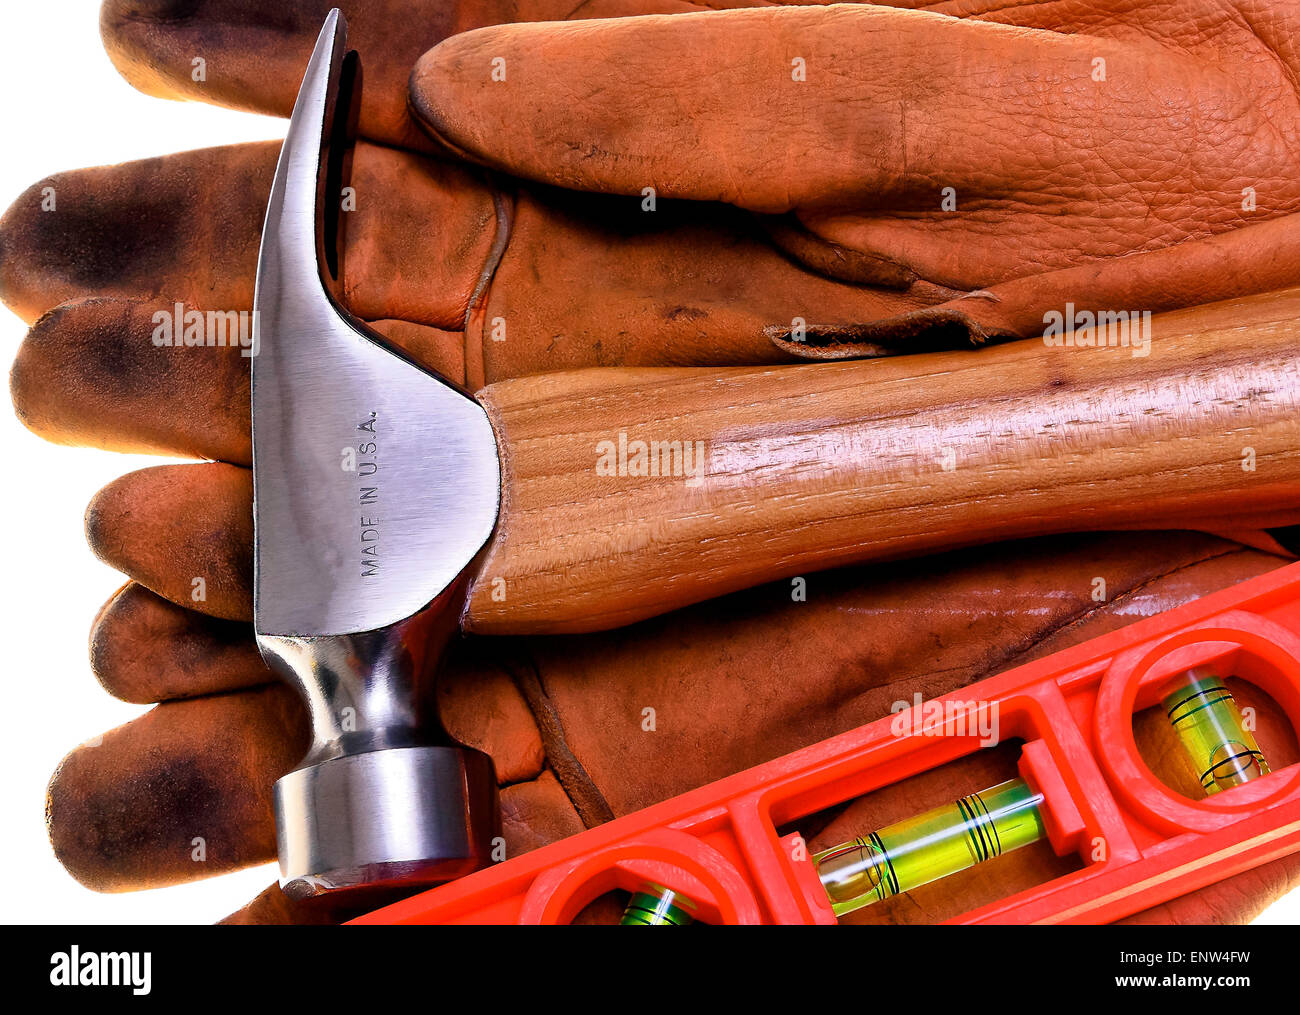 Framing Hammer Imágenes De Stock & Framing Hammer Fotos De Stock - Alamy